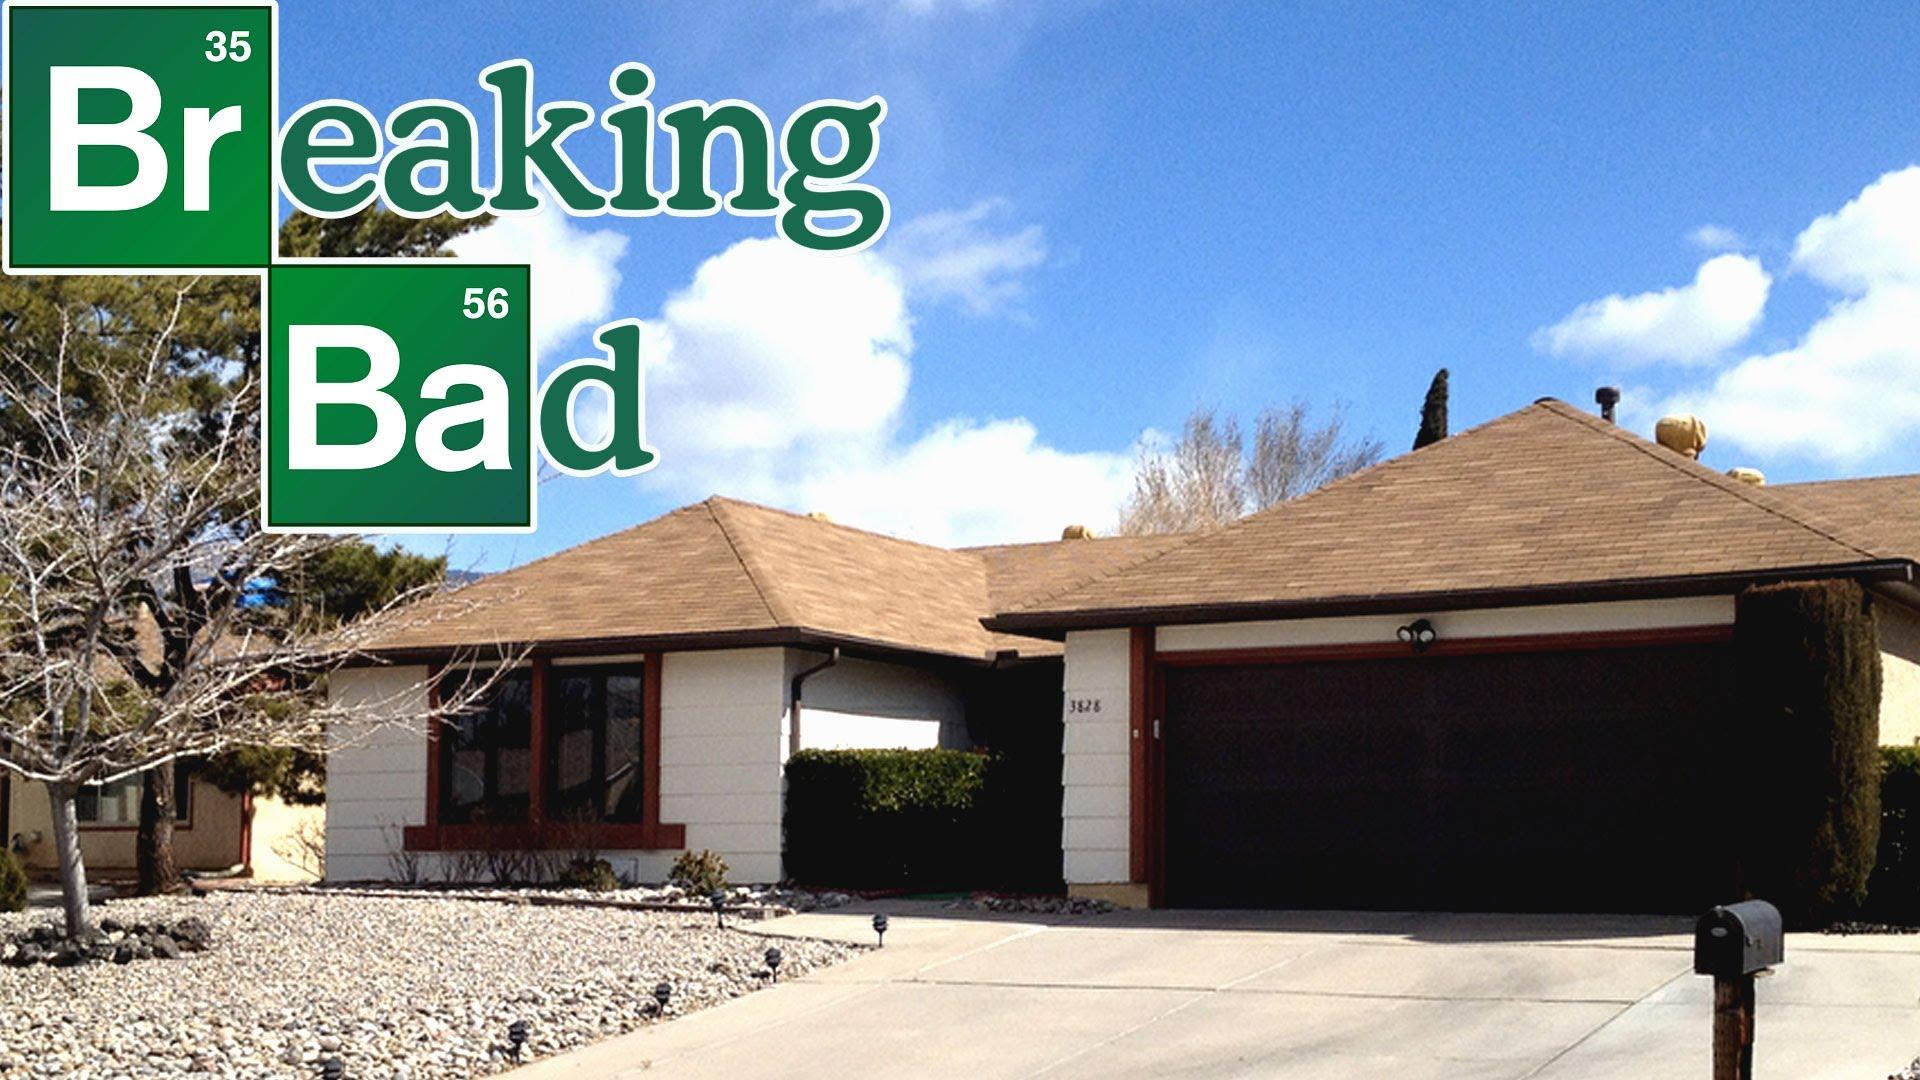 Risultati immagini per Albuquerque per Breaking Bad